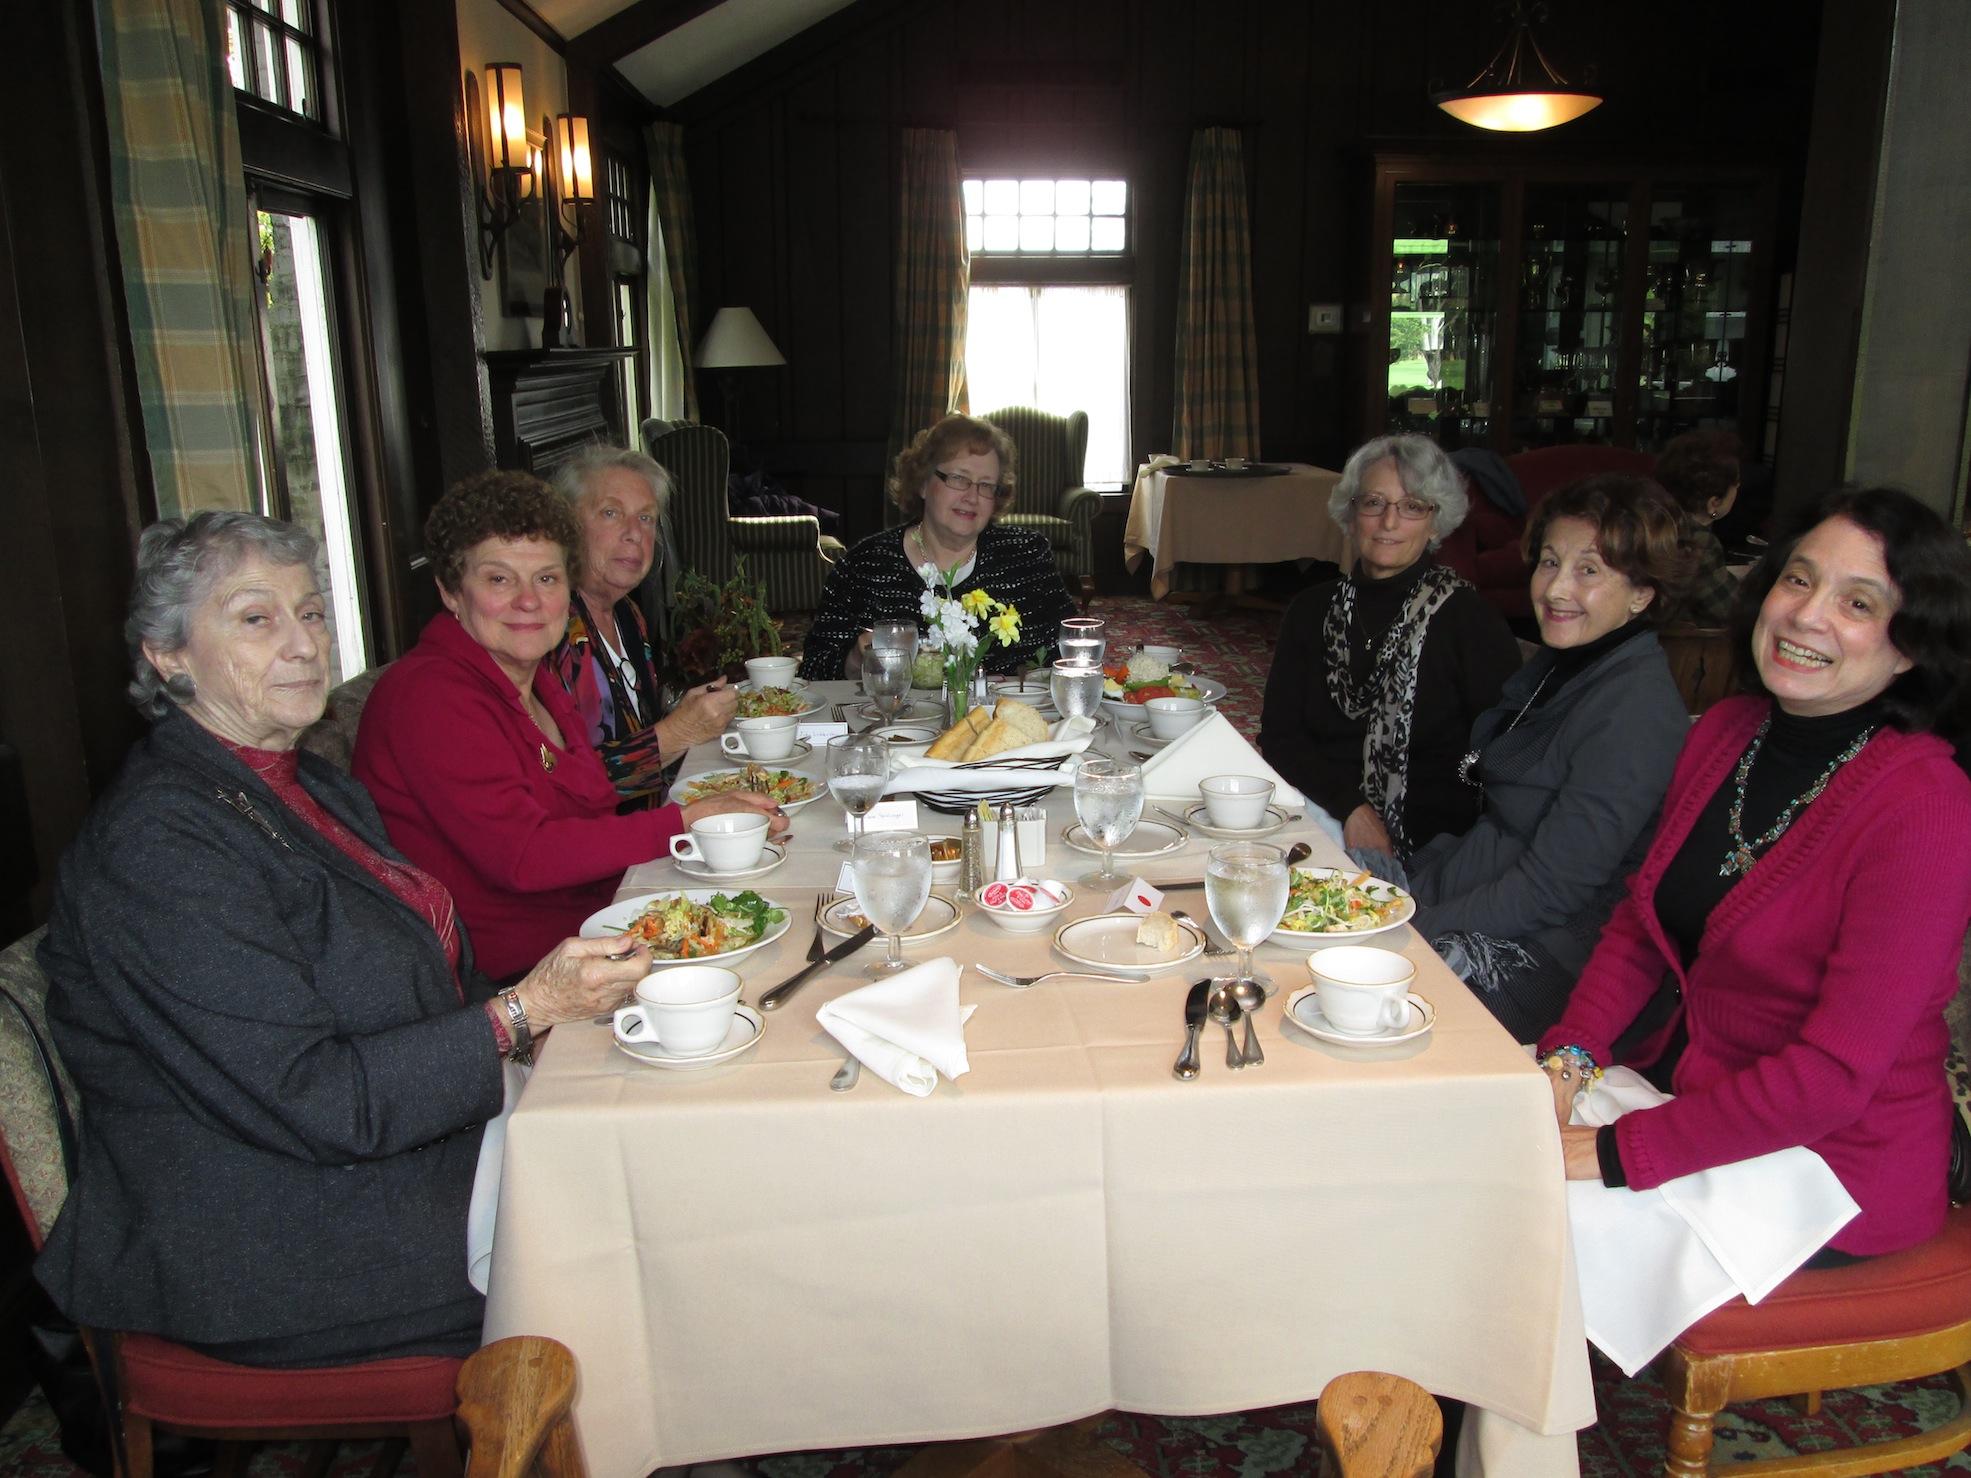 Regional Meeting with Nancy Kaufman2_Nov 8, 2012.JPG